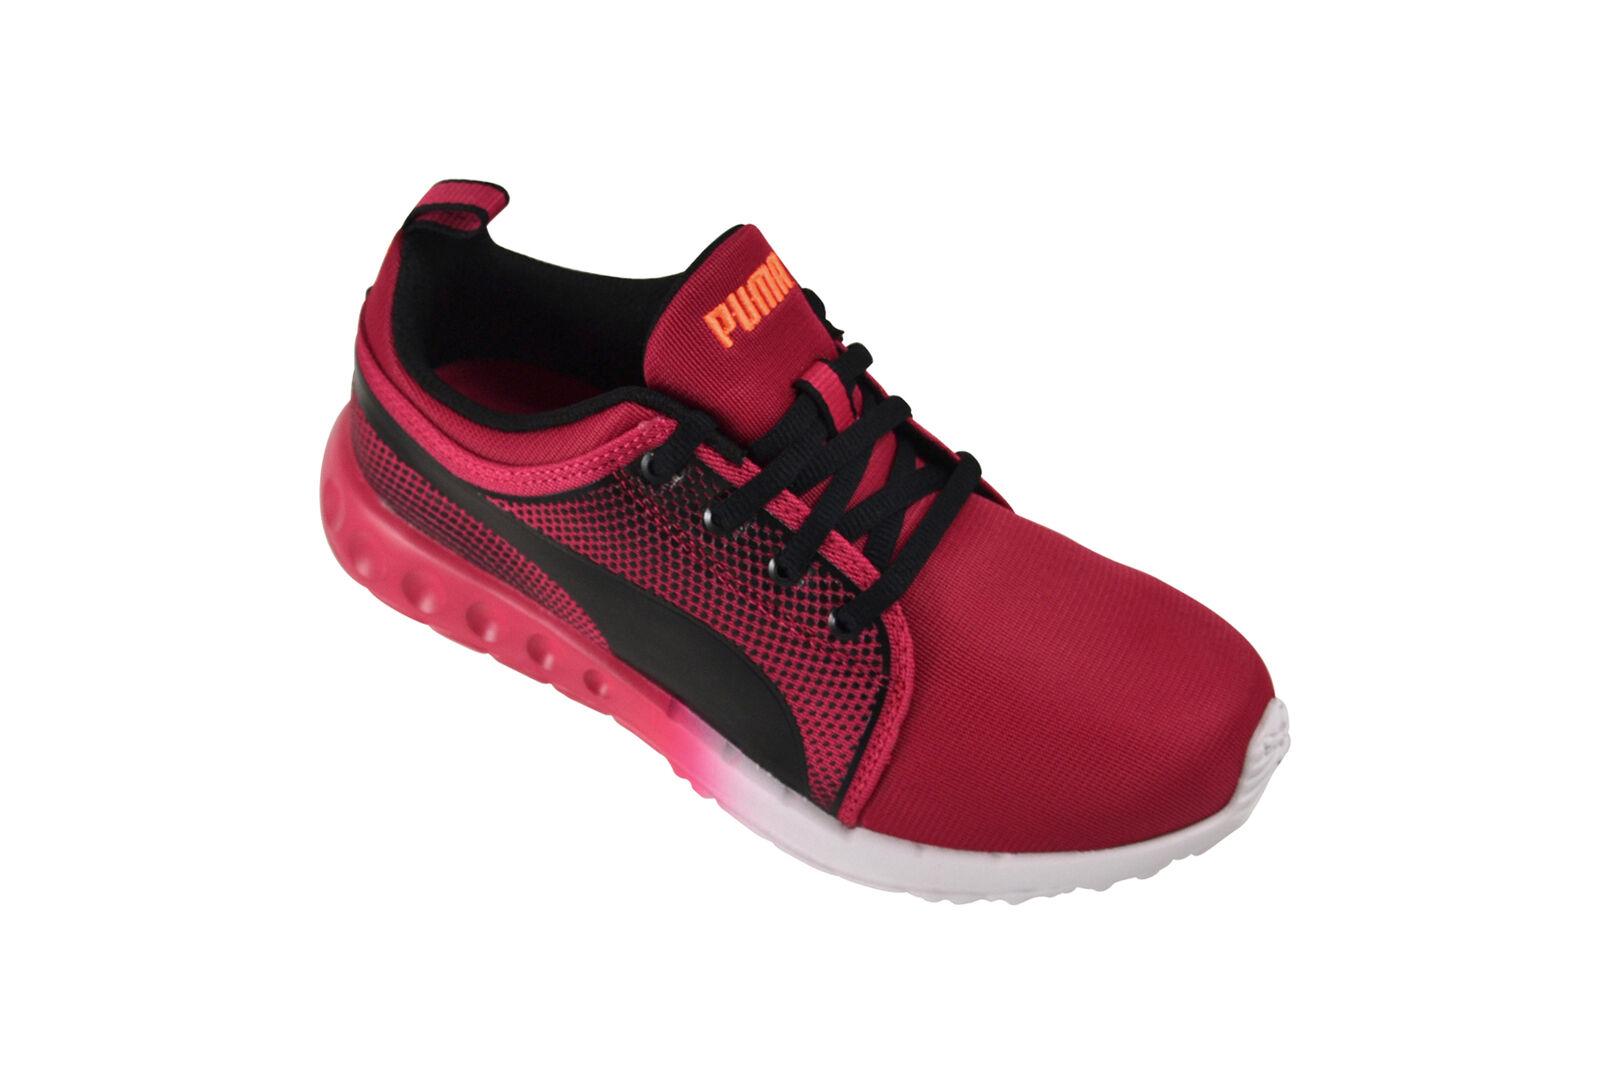 Puma zapatillas Carson 3d Mujer Rose Rojo Negro zapatillas Puma cortos rojo 188933 03 1a0e69